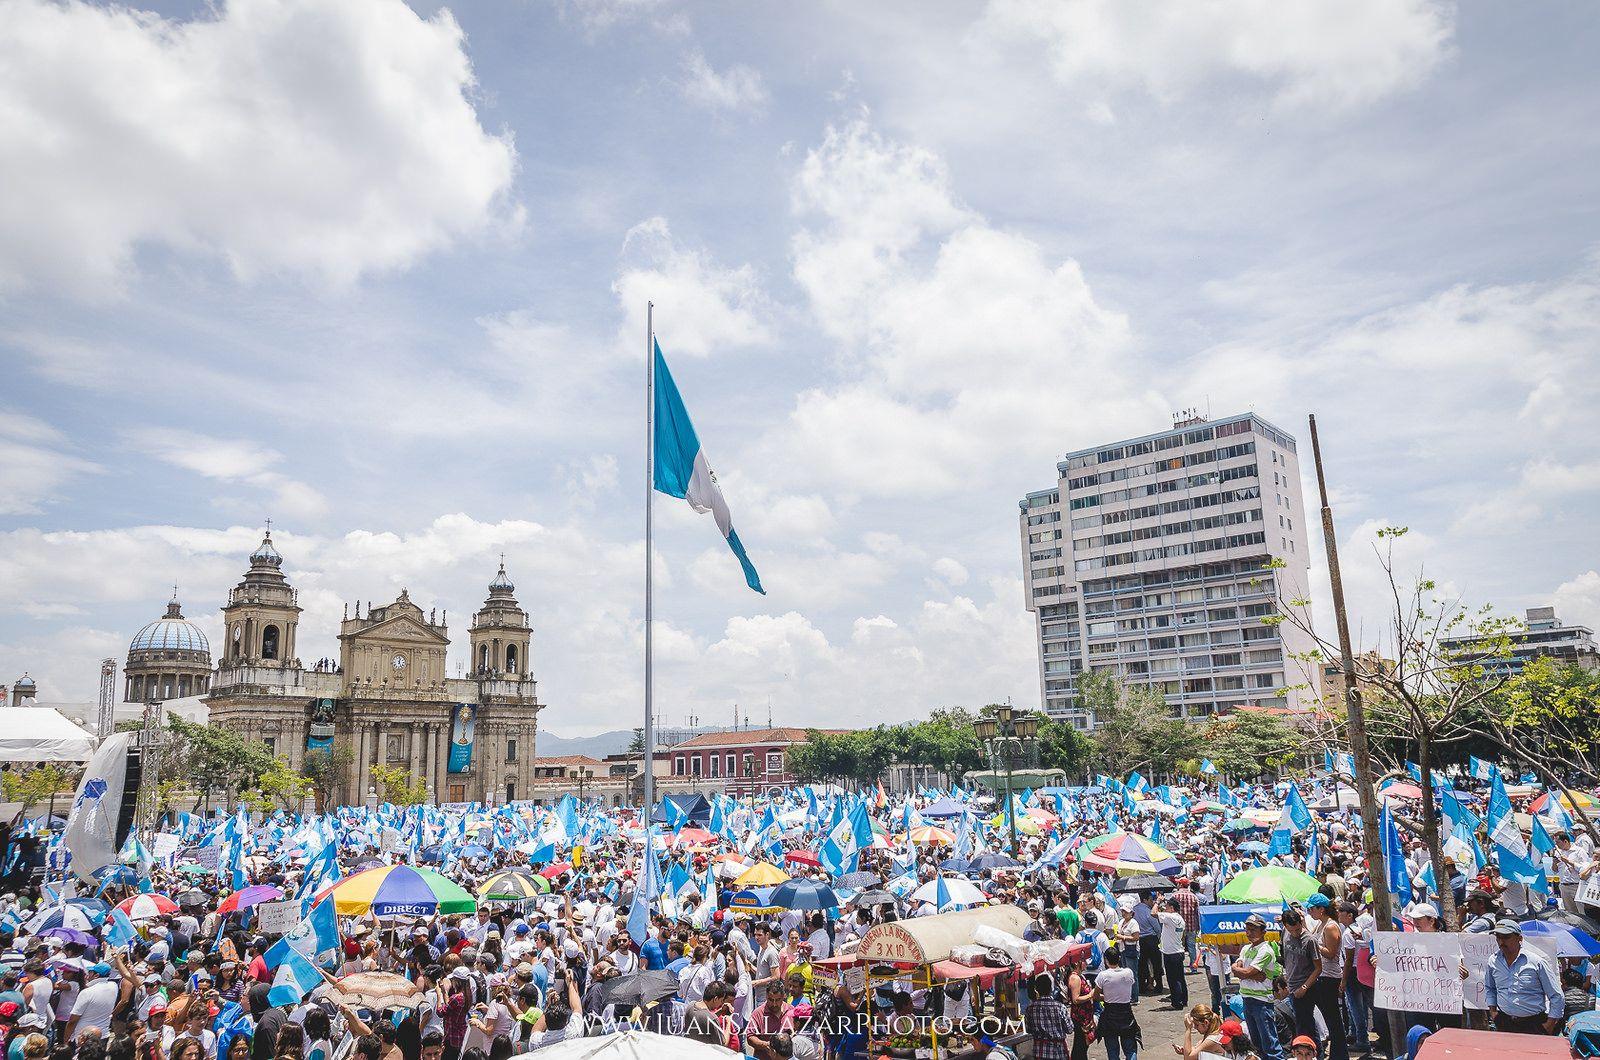 https://flic.kr/p/y34g2G | Manifestación Pacifica | Manifestación pacifica realizada en Guatemala el 27 de Agosto del 2015. El pueblo de guatemalteco exige renuncia del presidente por actos de corrupción.  #YoNoTengoPresidente #27A